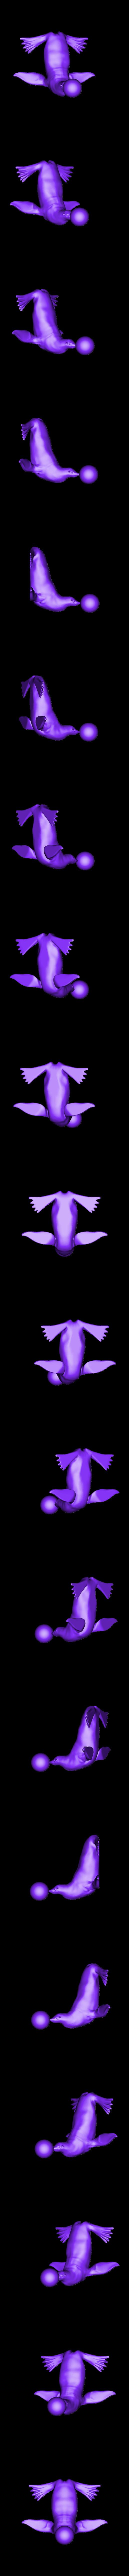 Seal.STL Télécharger fichier STL gratuit Seal • Design pour imprimante 3D, David_Mussaffi